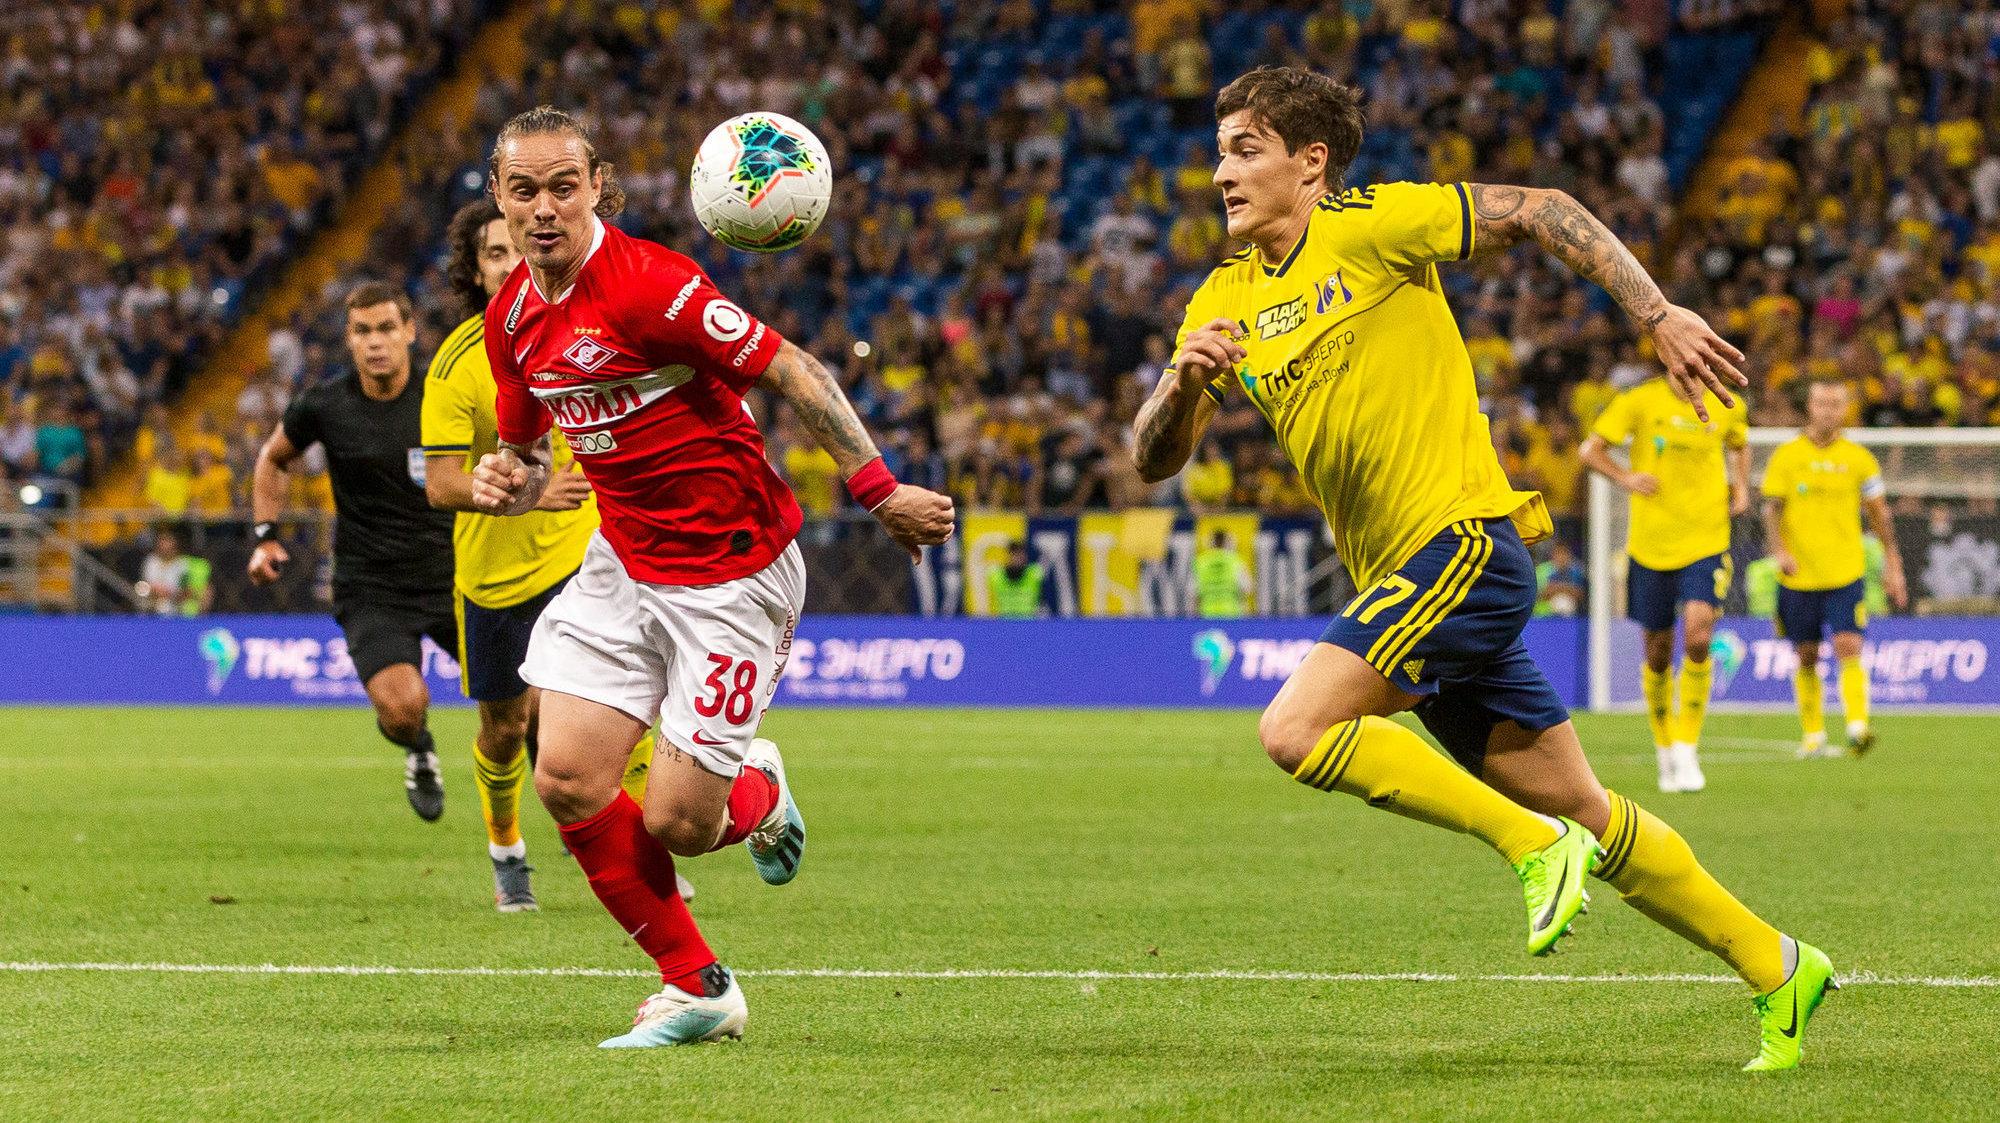 Футбол- еврокубки динамо киев боруссия дата проведения матча